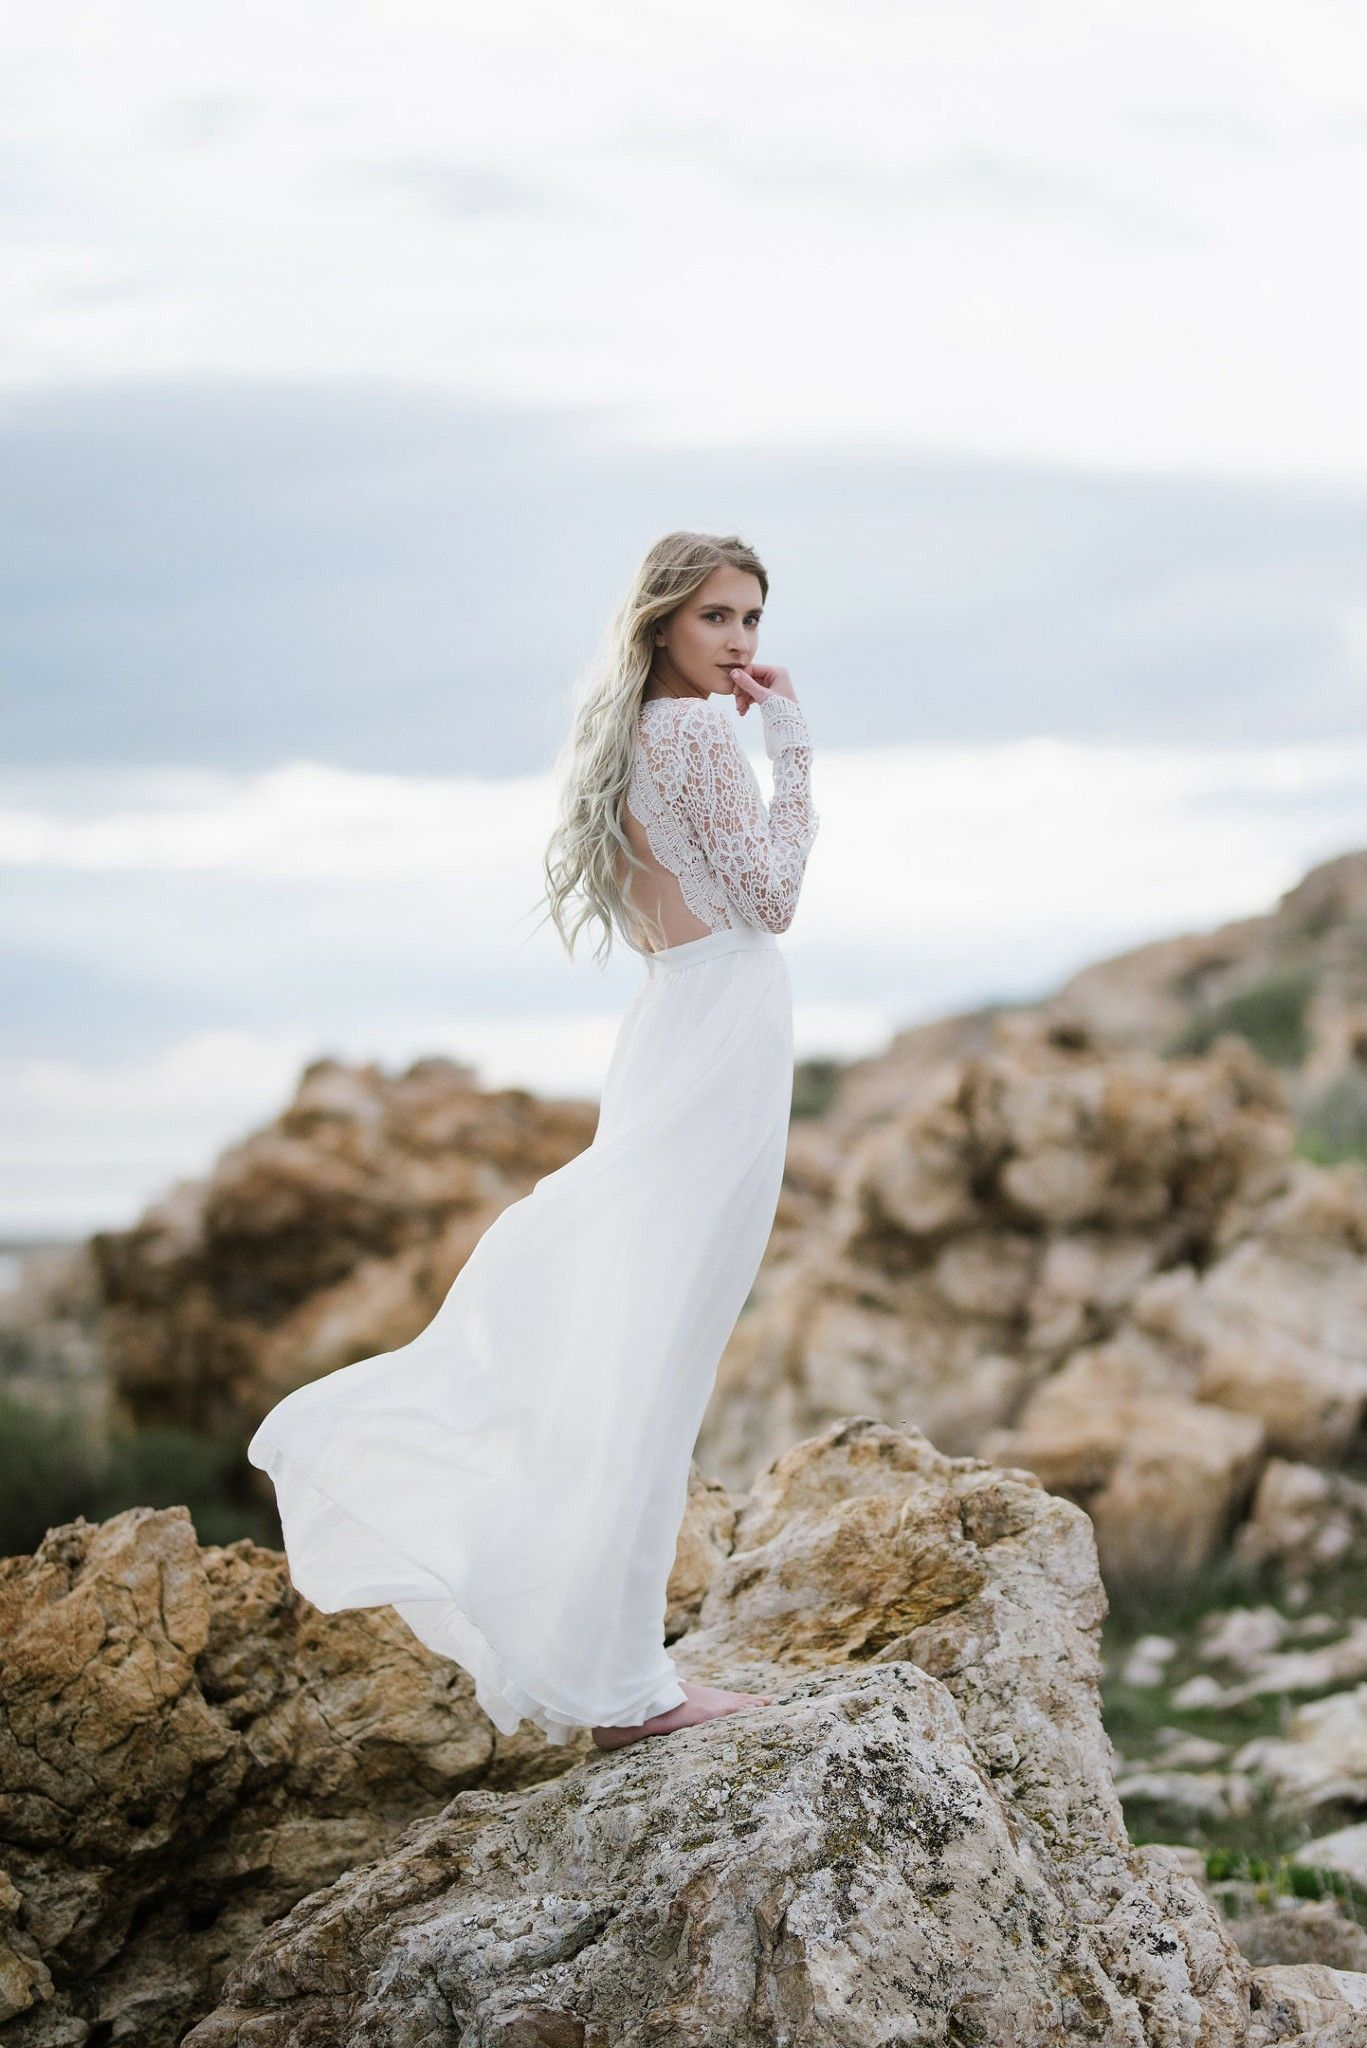 utah wedding photographer, antelope island bridal photo shoot, lace